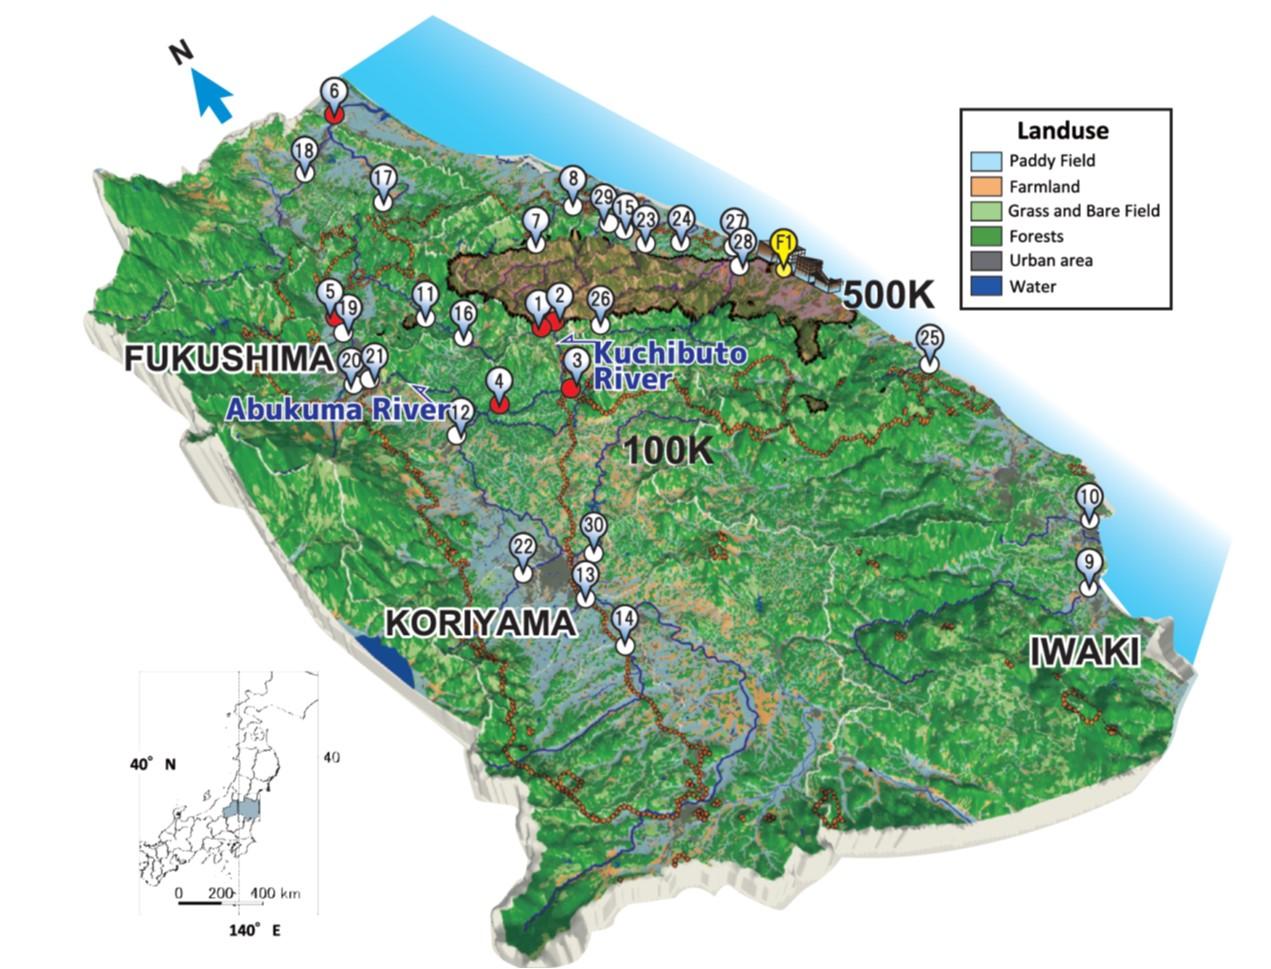 福島第一原発から半径80km圏内に設置されたモニタリングステーションの全体図。番号のついたポイントは、河川観測所を示している。2011年6月にまずスタートしたのは、①から⑥までの観測所。最終的には30カ所にモニタステーションが設置された。